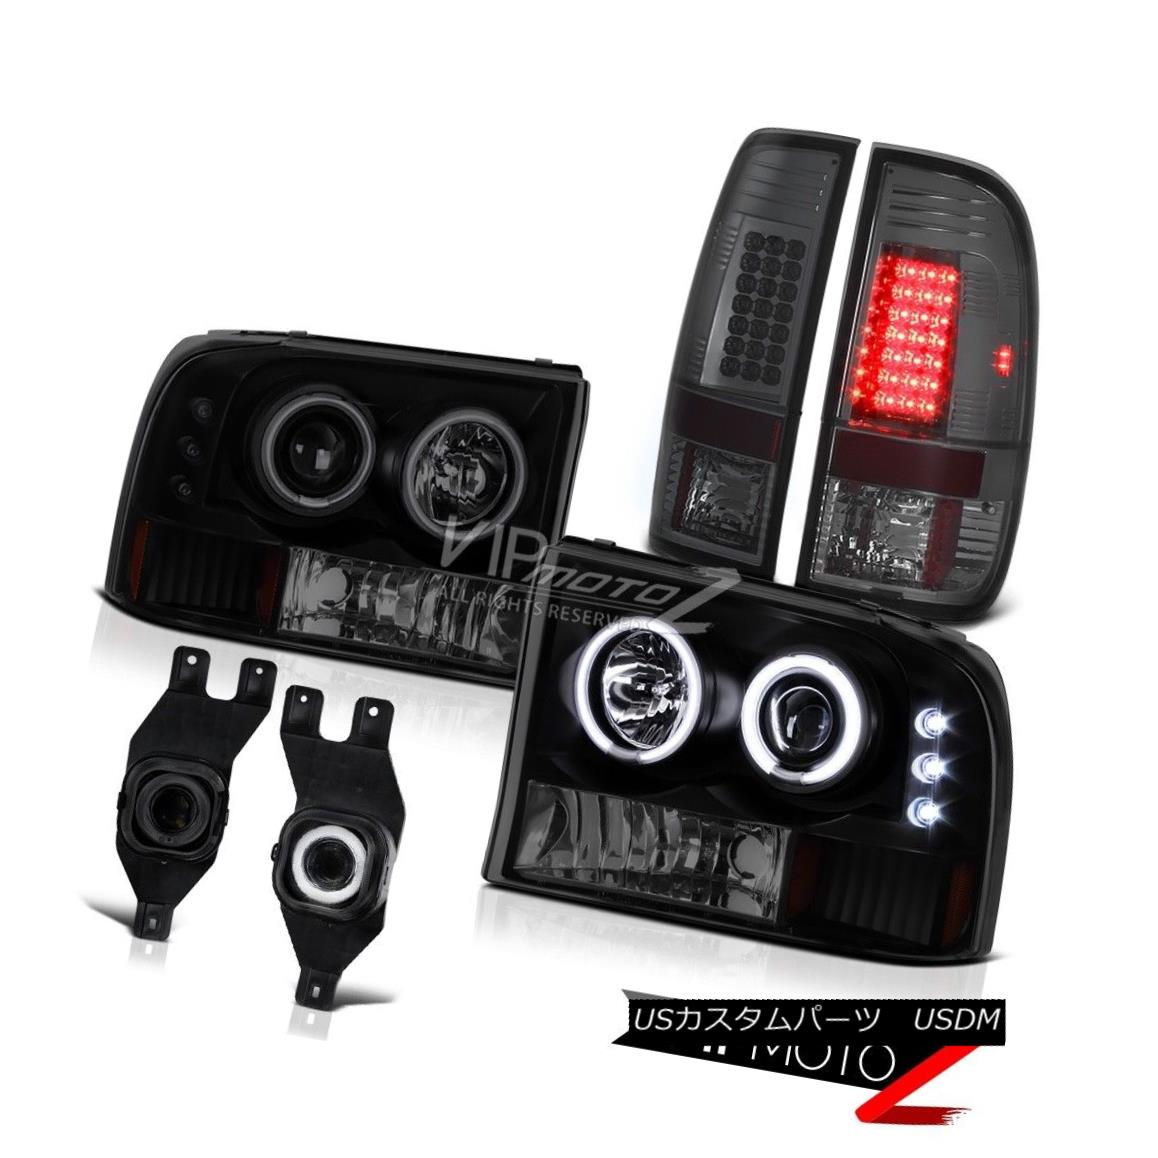 ヘッドライト 99-04 Ford F-Series Super Duty Devil CCFL Halo Headlight LED Tail Lamps Foglight 99-04 Ford FシリーズSuper Duty Devil CCFL HaloヘッドライトLEDテールランプFoglight